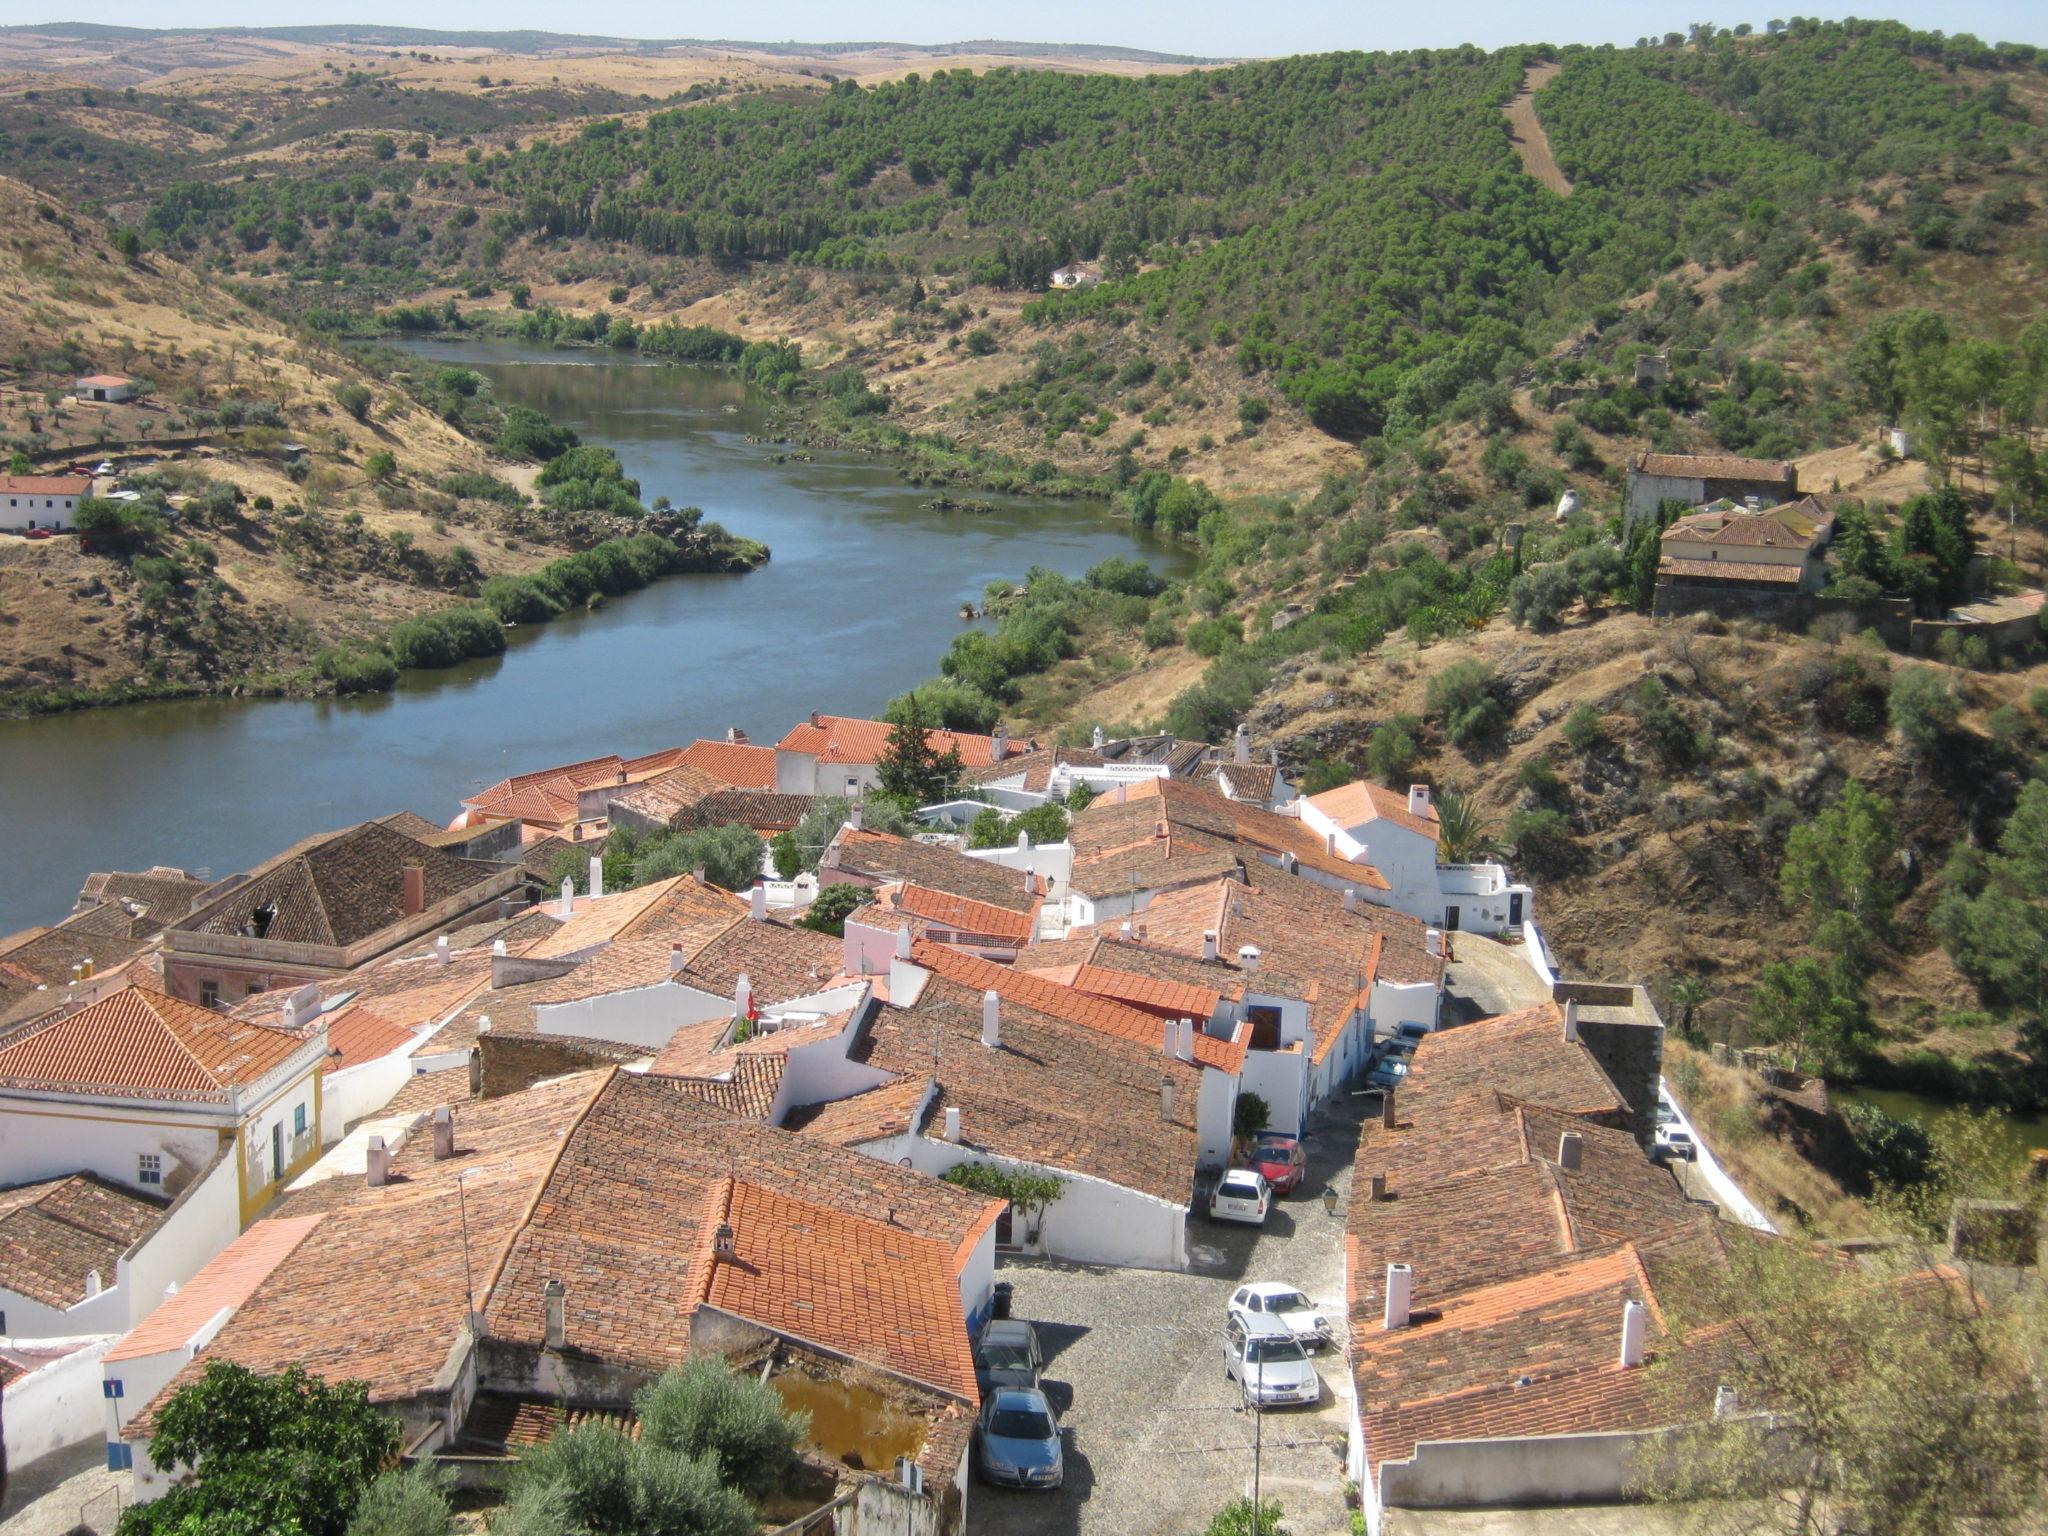 7 recantos de Portugal por 7 bloggers de viagens portugueses